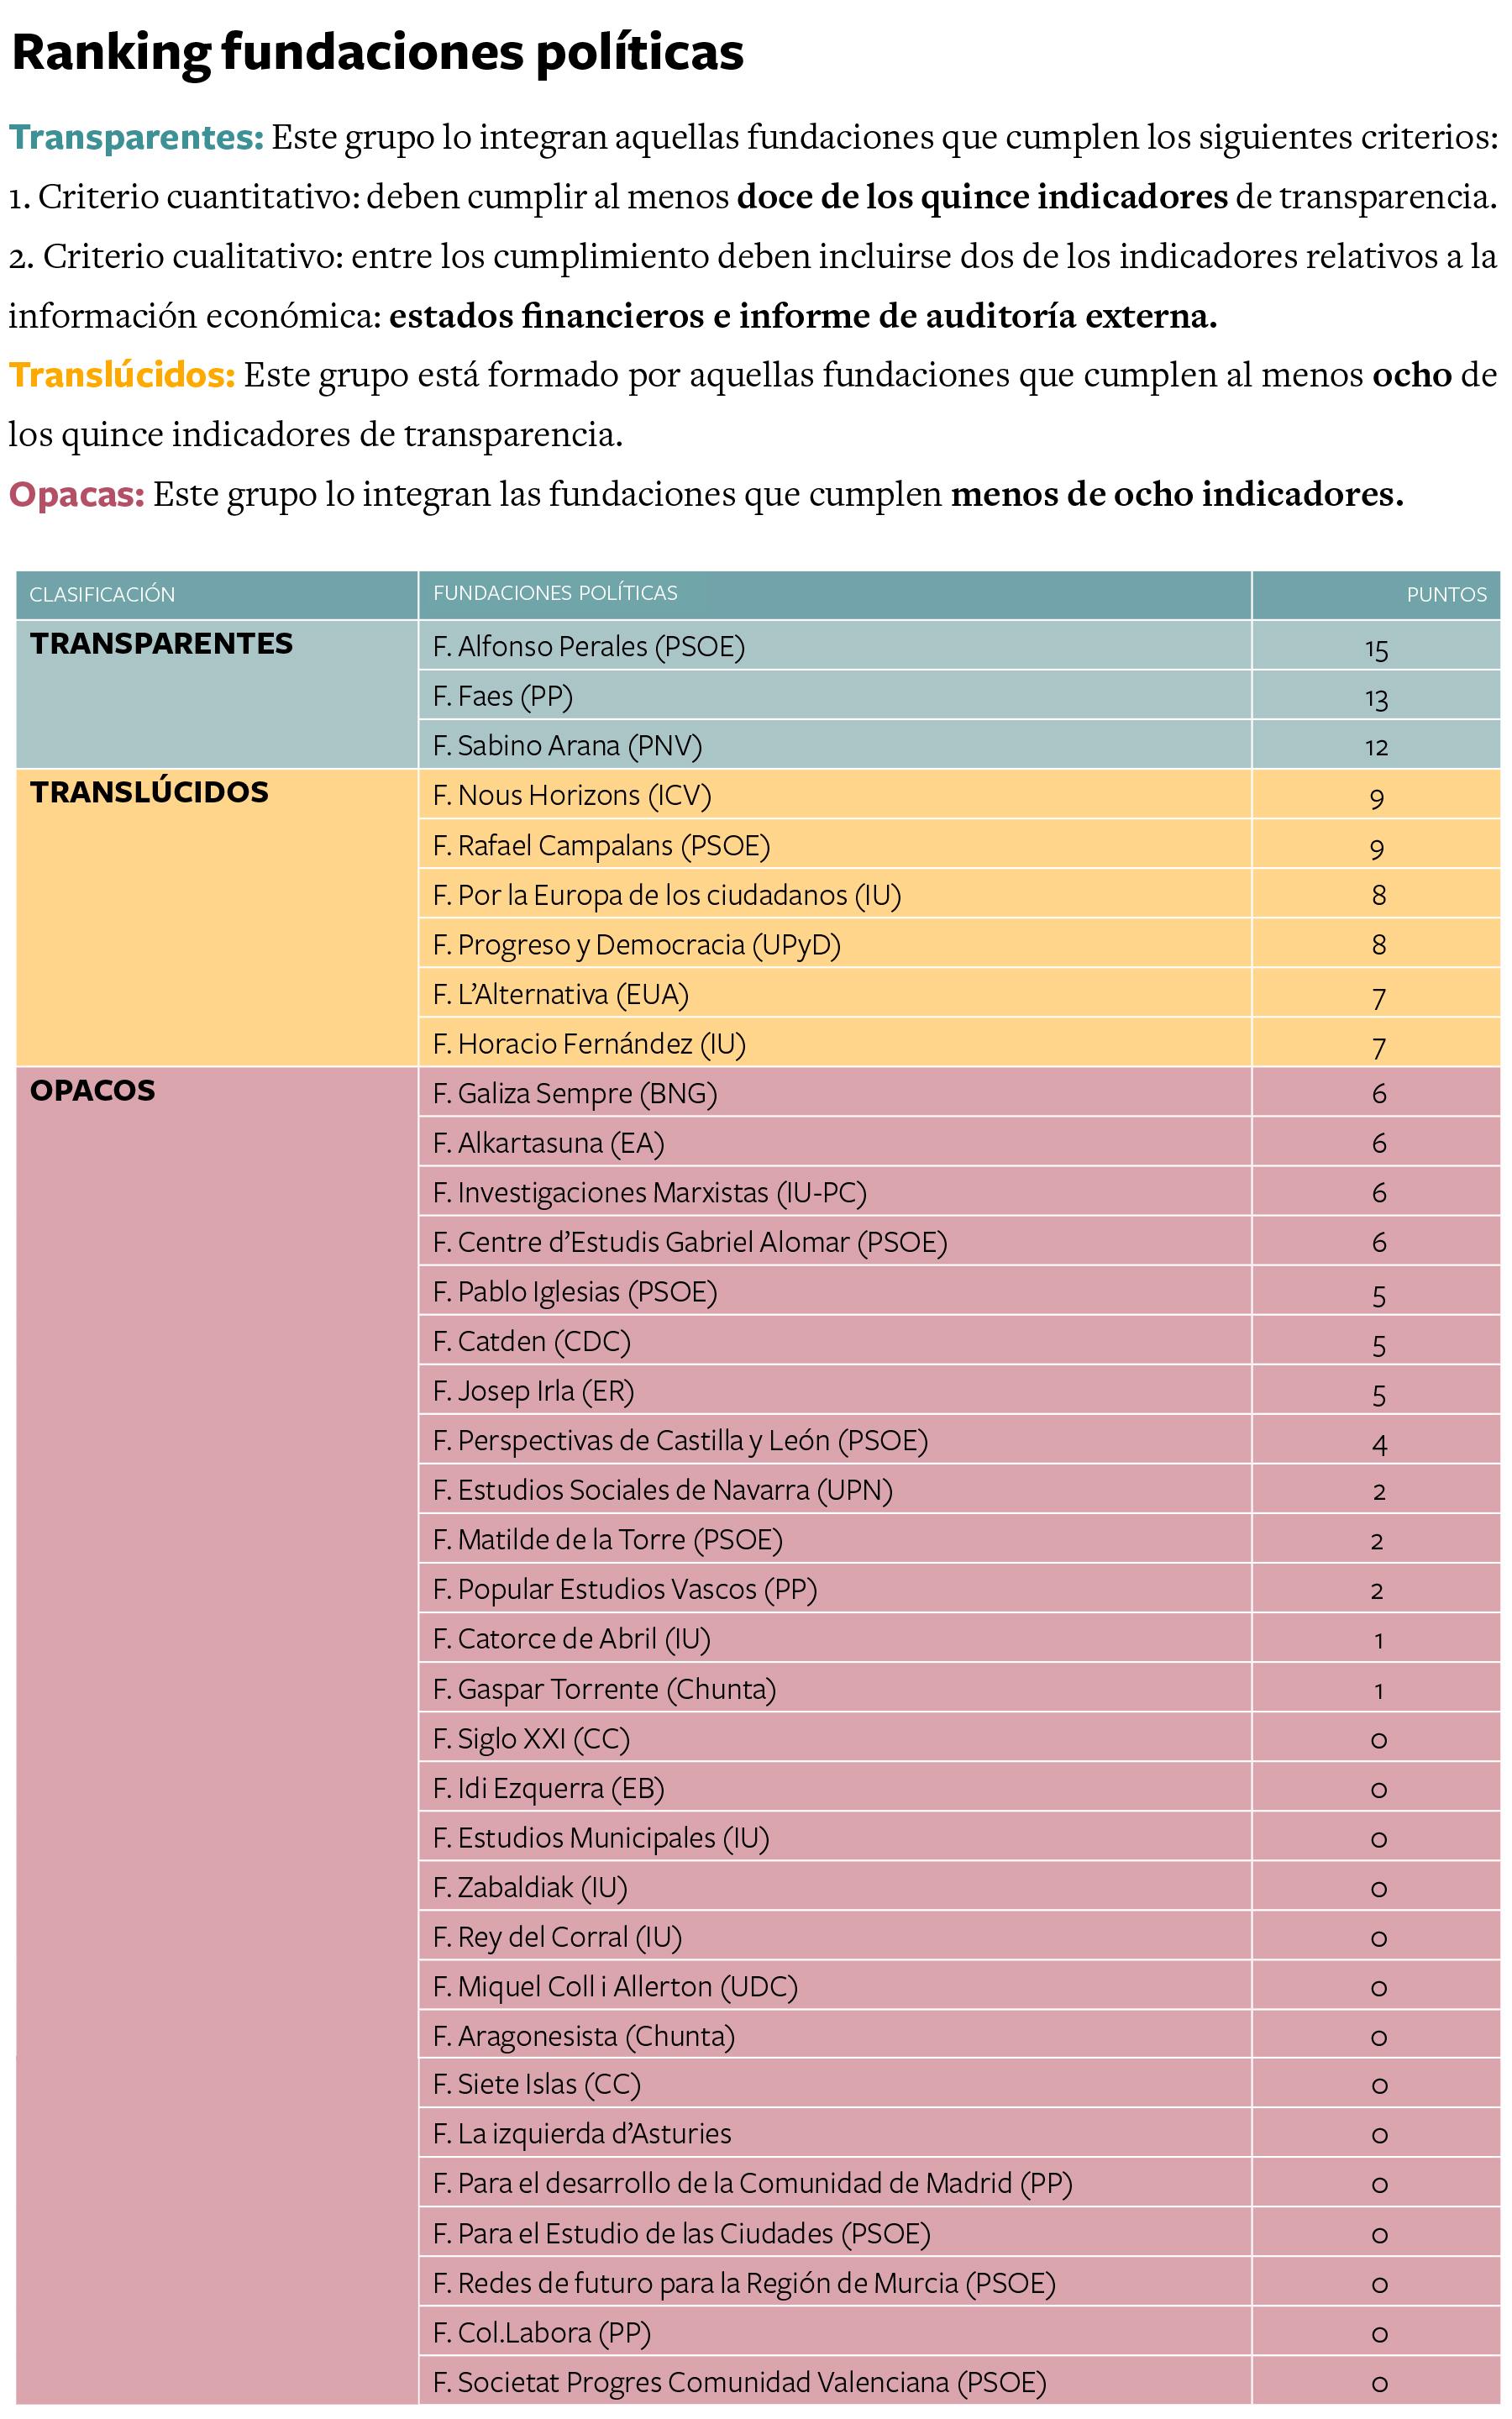 ranking-fundaciones-politicas-